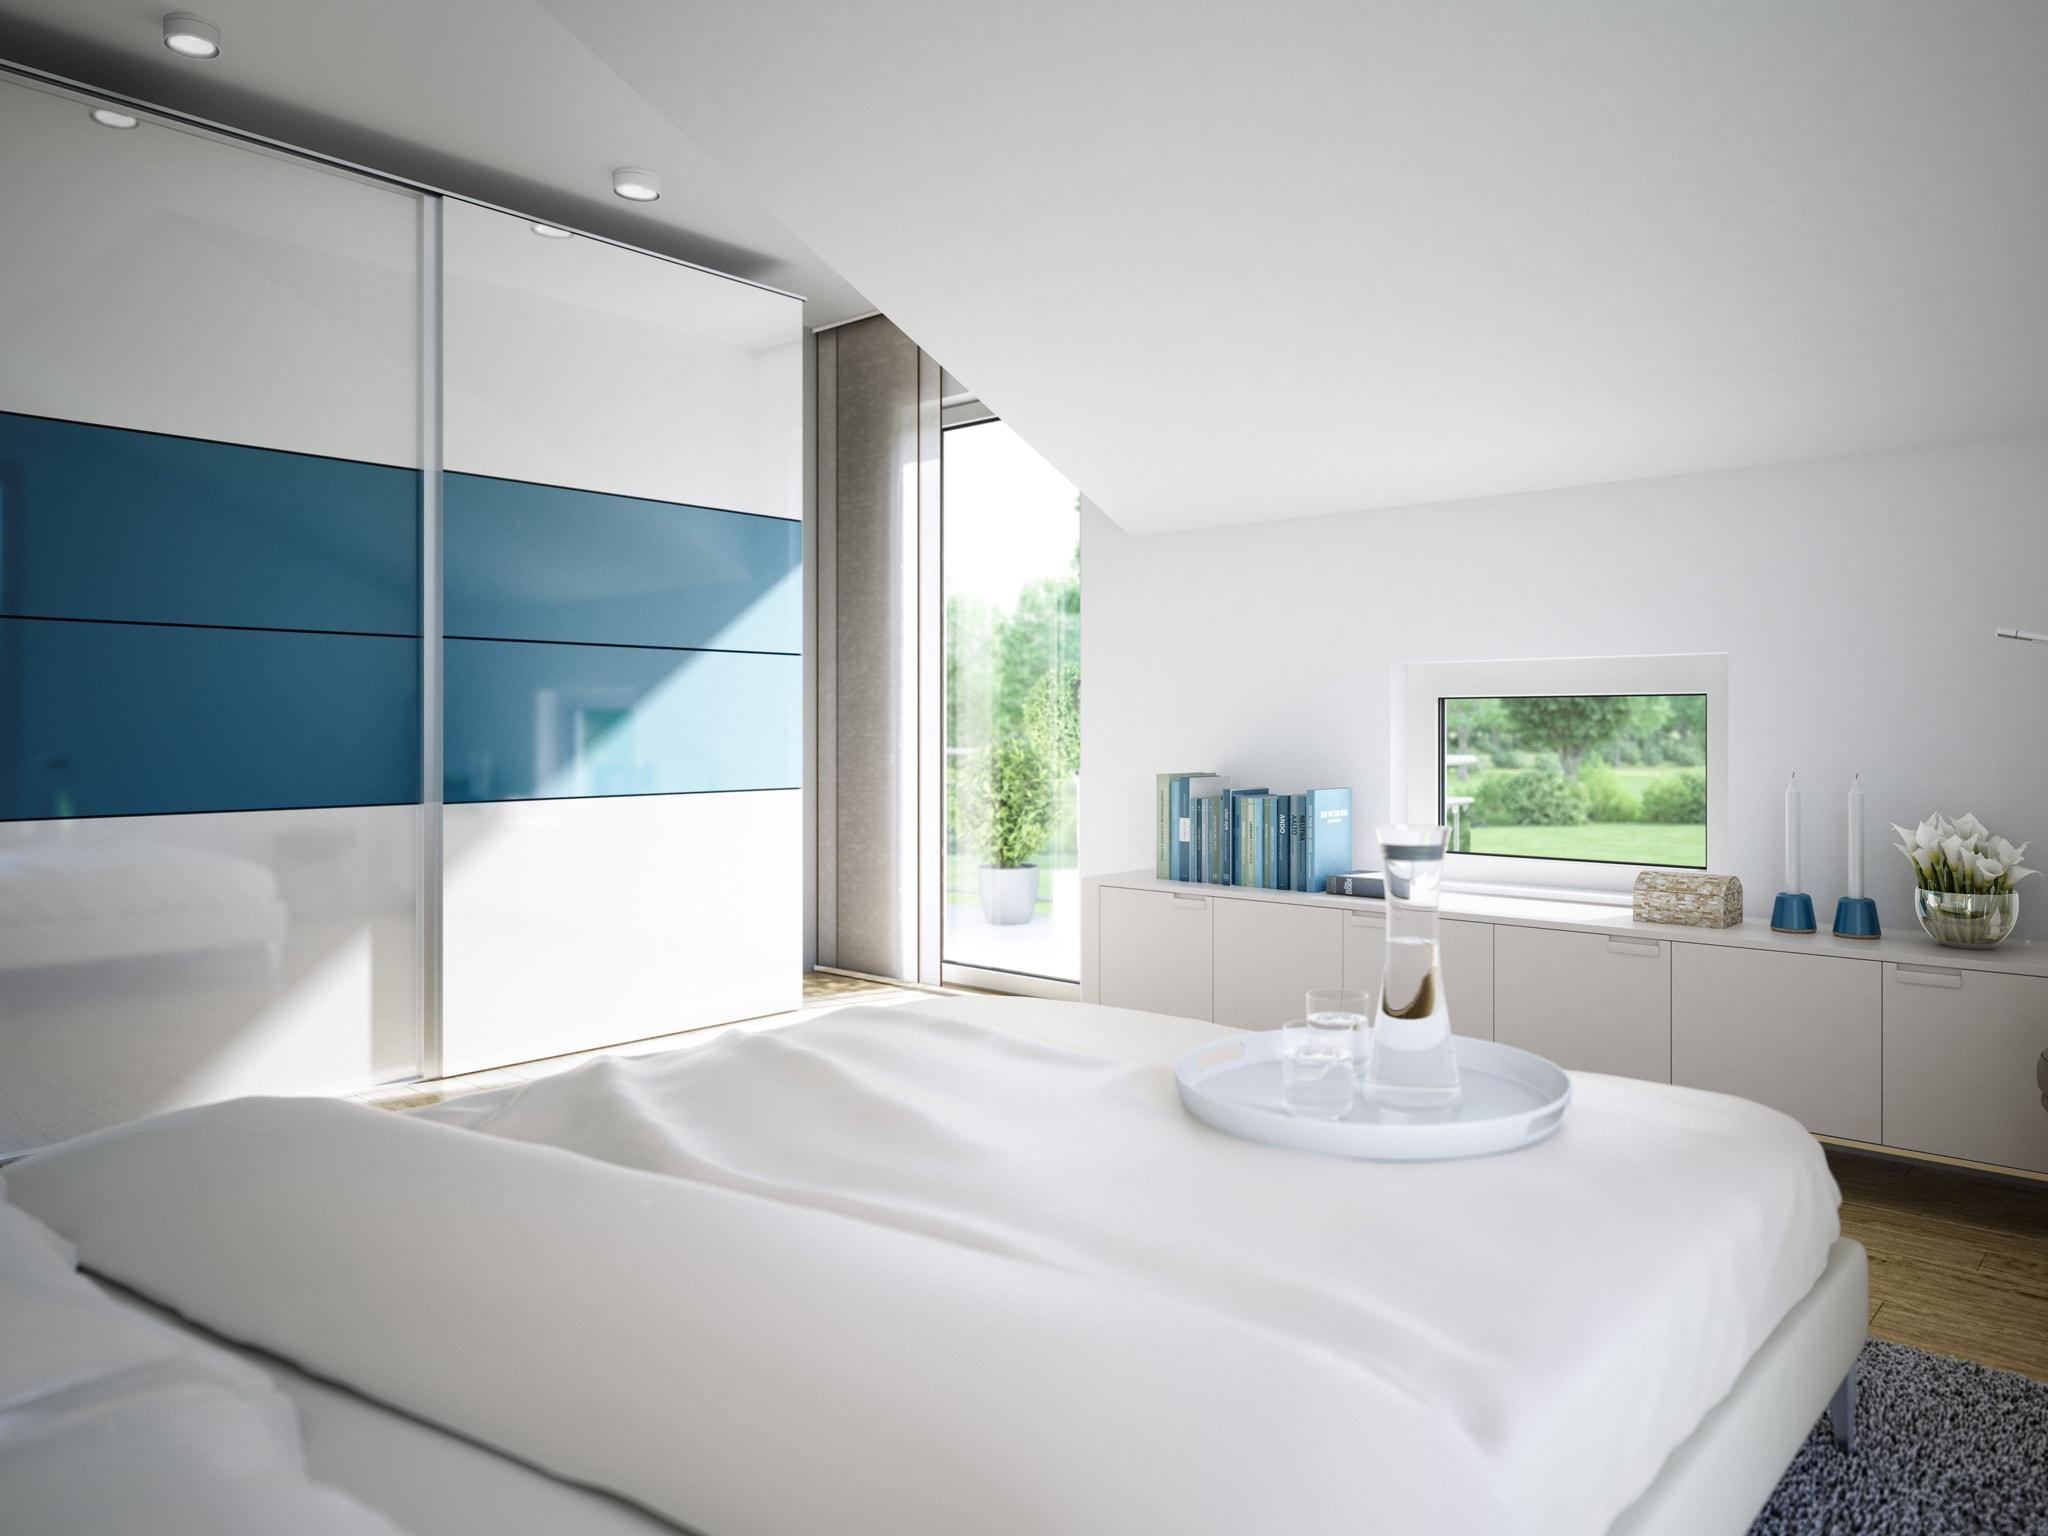 Schlafzimmer mit Dachschräge - Ideen Inneneinrichtung Einfamilienhaus Living Haus SUNSHINE 125 V5 - HausbauDirekt.de